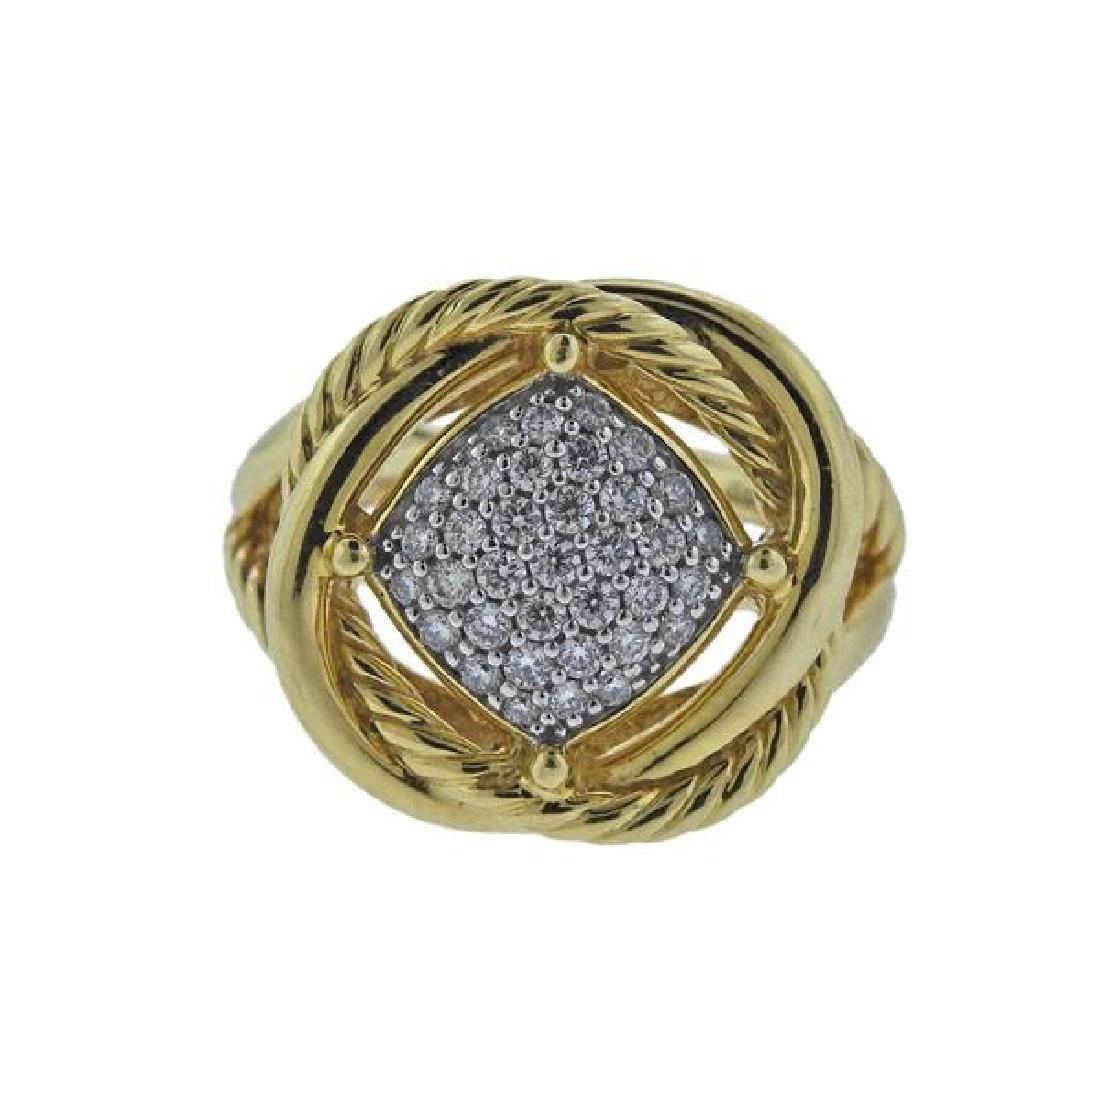 David Yurman Infinity 18k Gold Diamond Ring